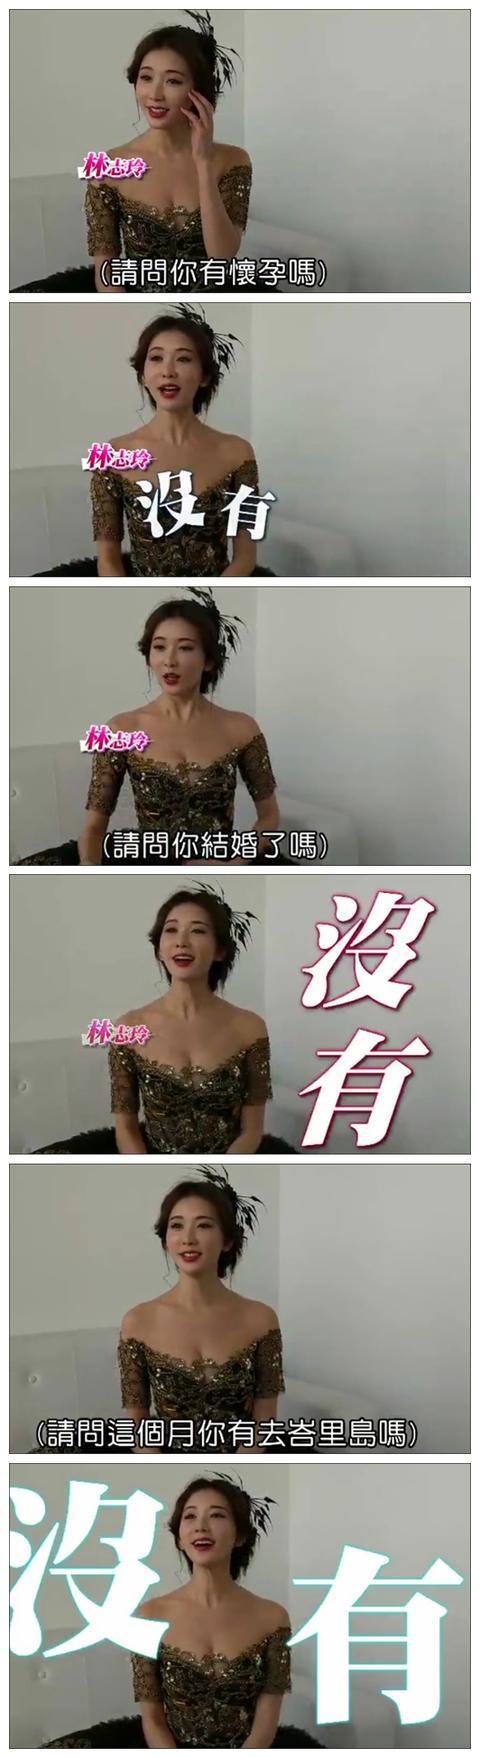 林志玲否认恋情后言承旭首露脸 和他聚会心情大好